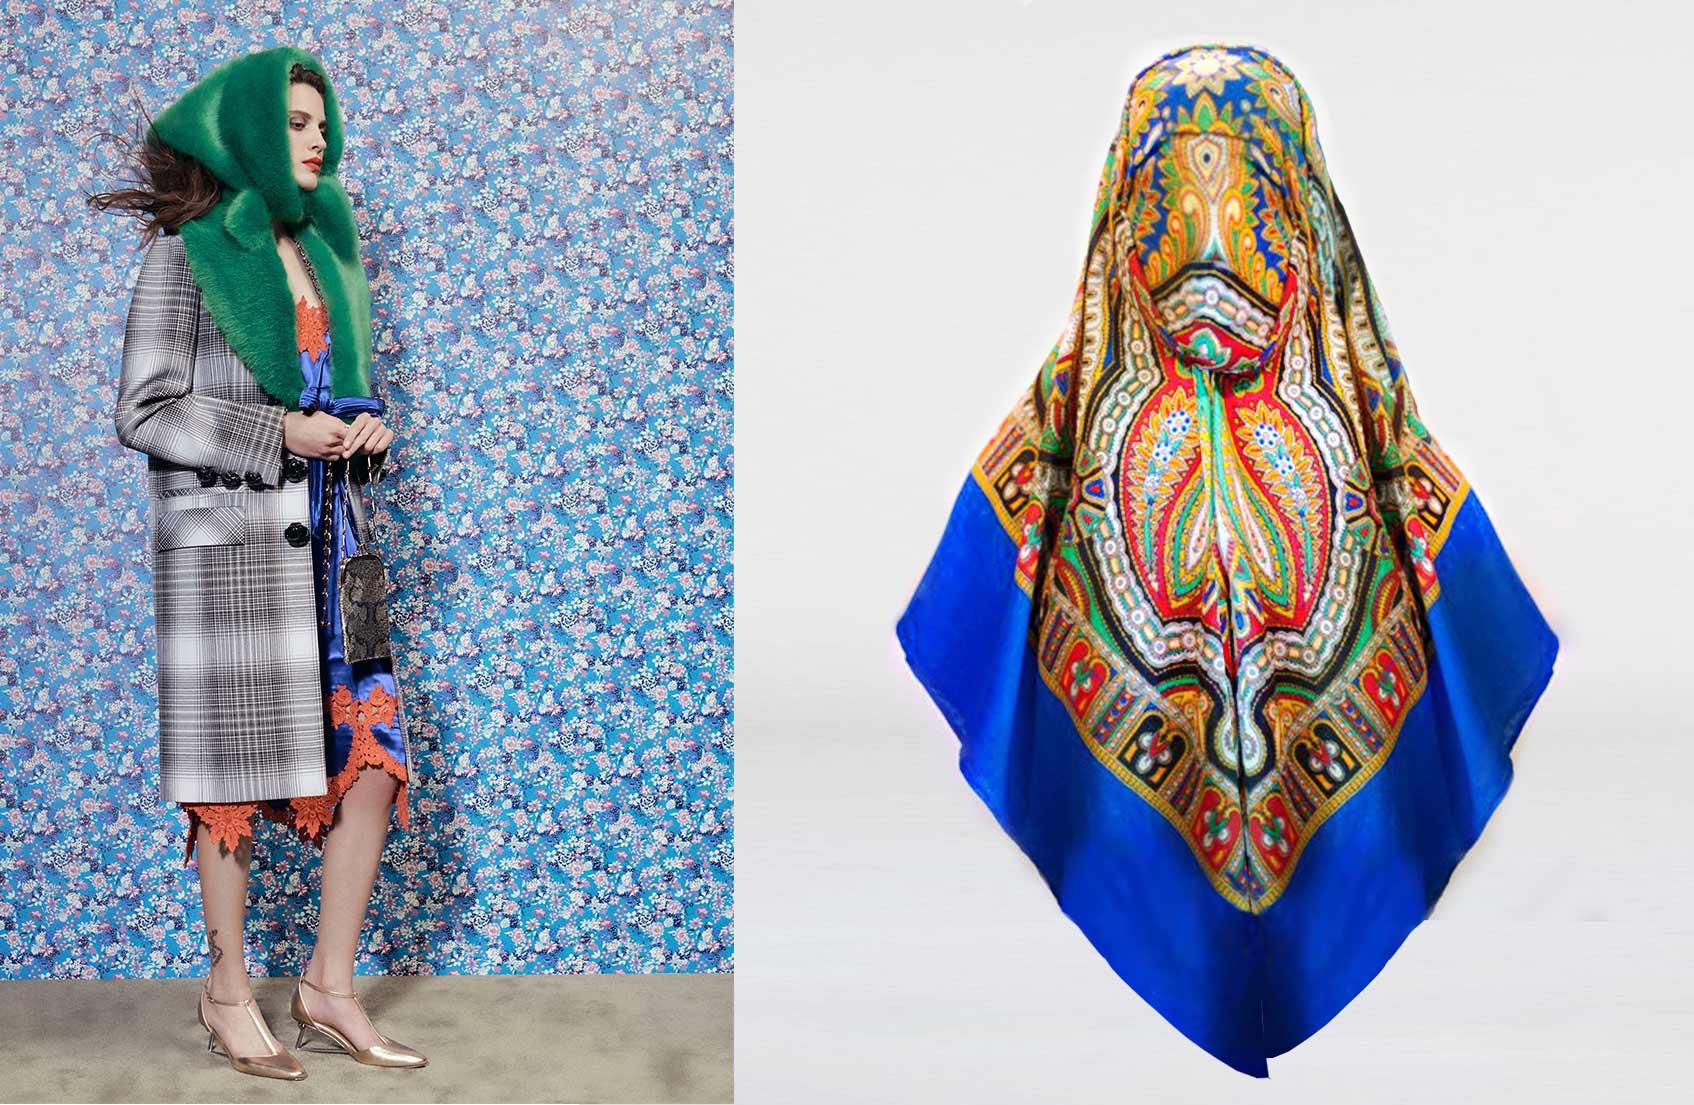 Paco Rabanne осень-зима 21/22; инсталляция «Три девицы под окном», Екатерина Валетова, 2011